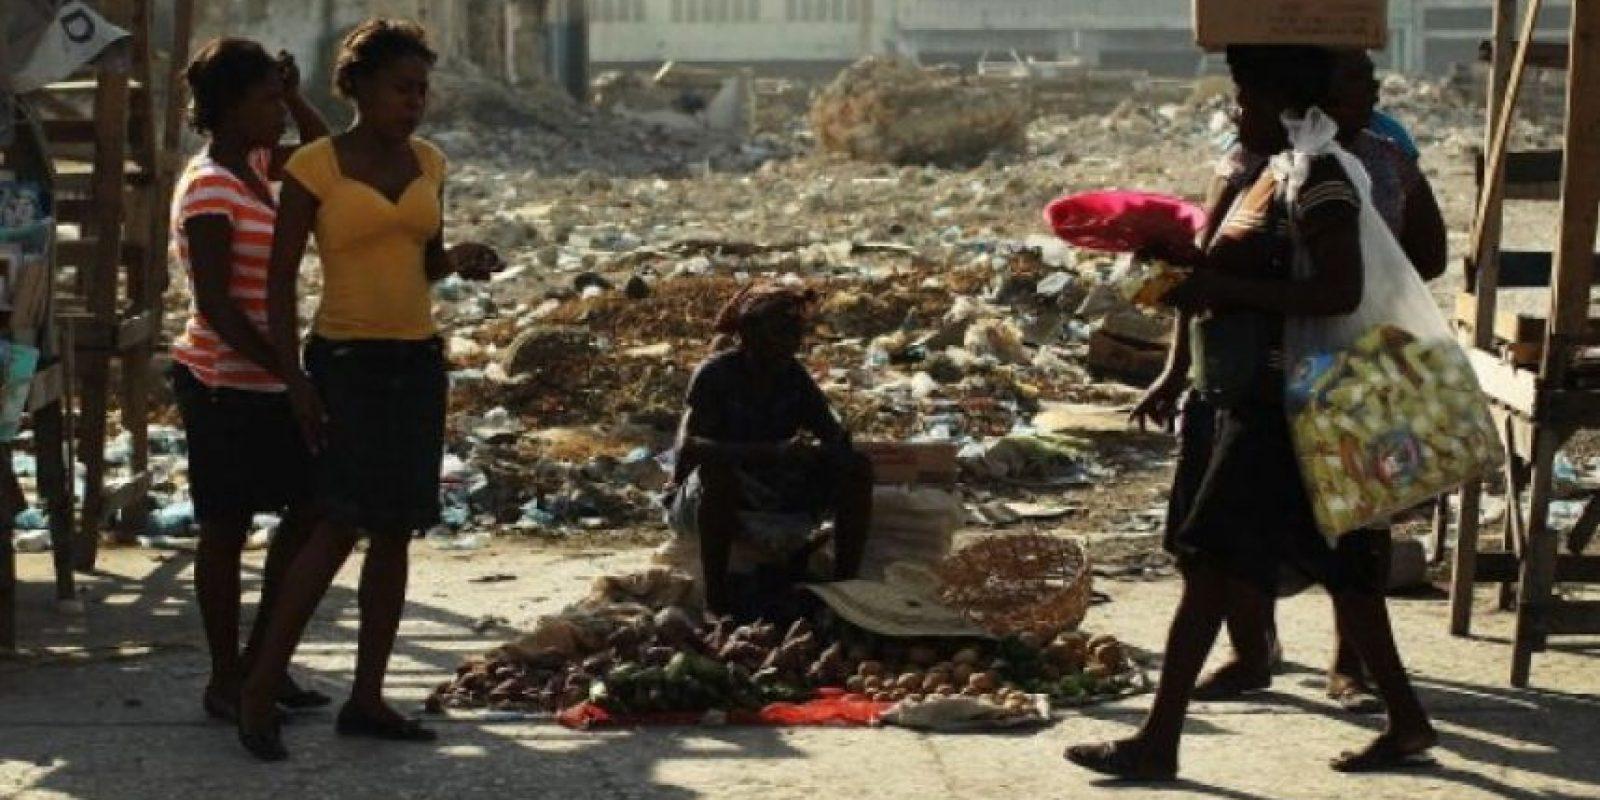 10. 12 de enero de 2012, Haití: Además de 1.3 millones de desplazados y más de 90 mil casas destruidas en Puerto Príncipe. Foto:Getty Images